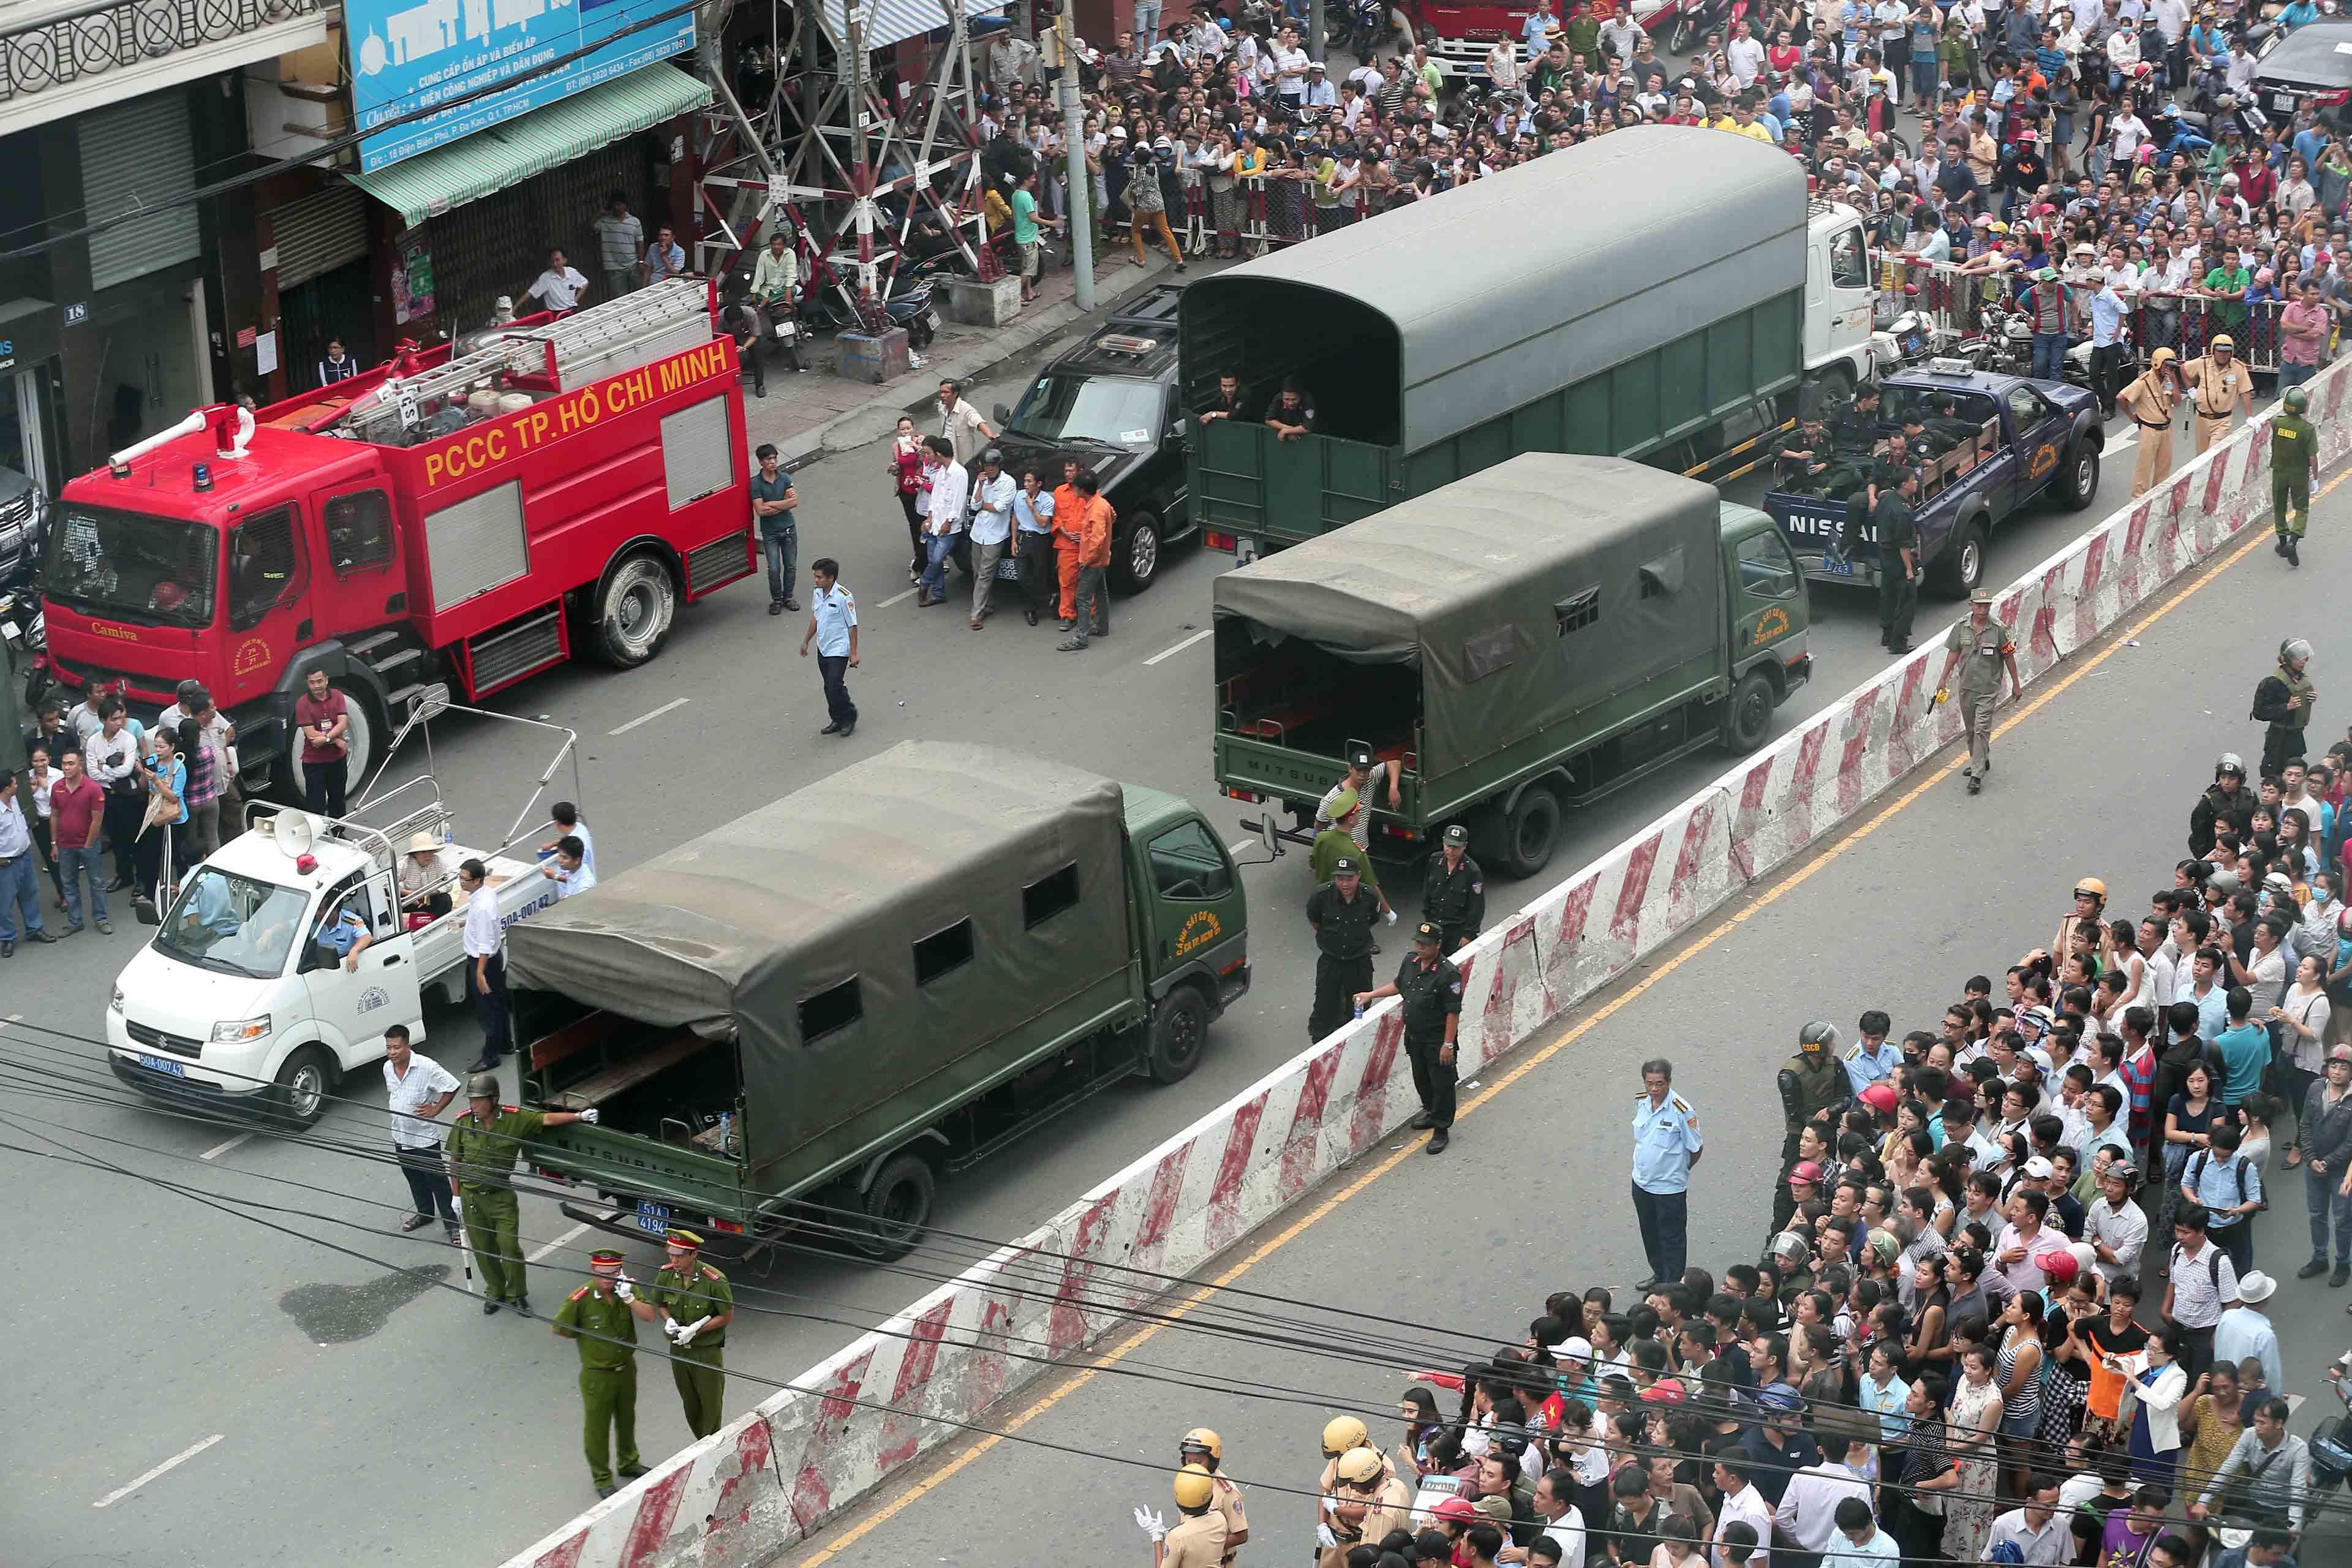 An ninh siết chặt quanh khu vực chùa Ngọc Hoàng - Ảnh: Thanh niên